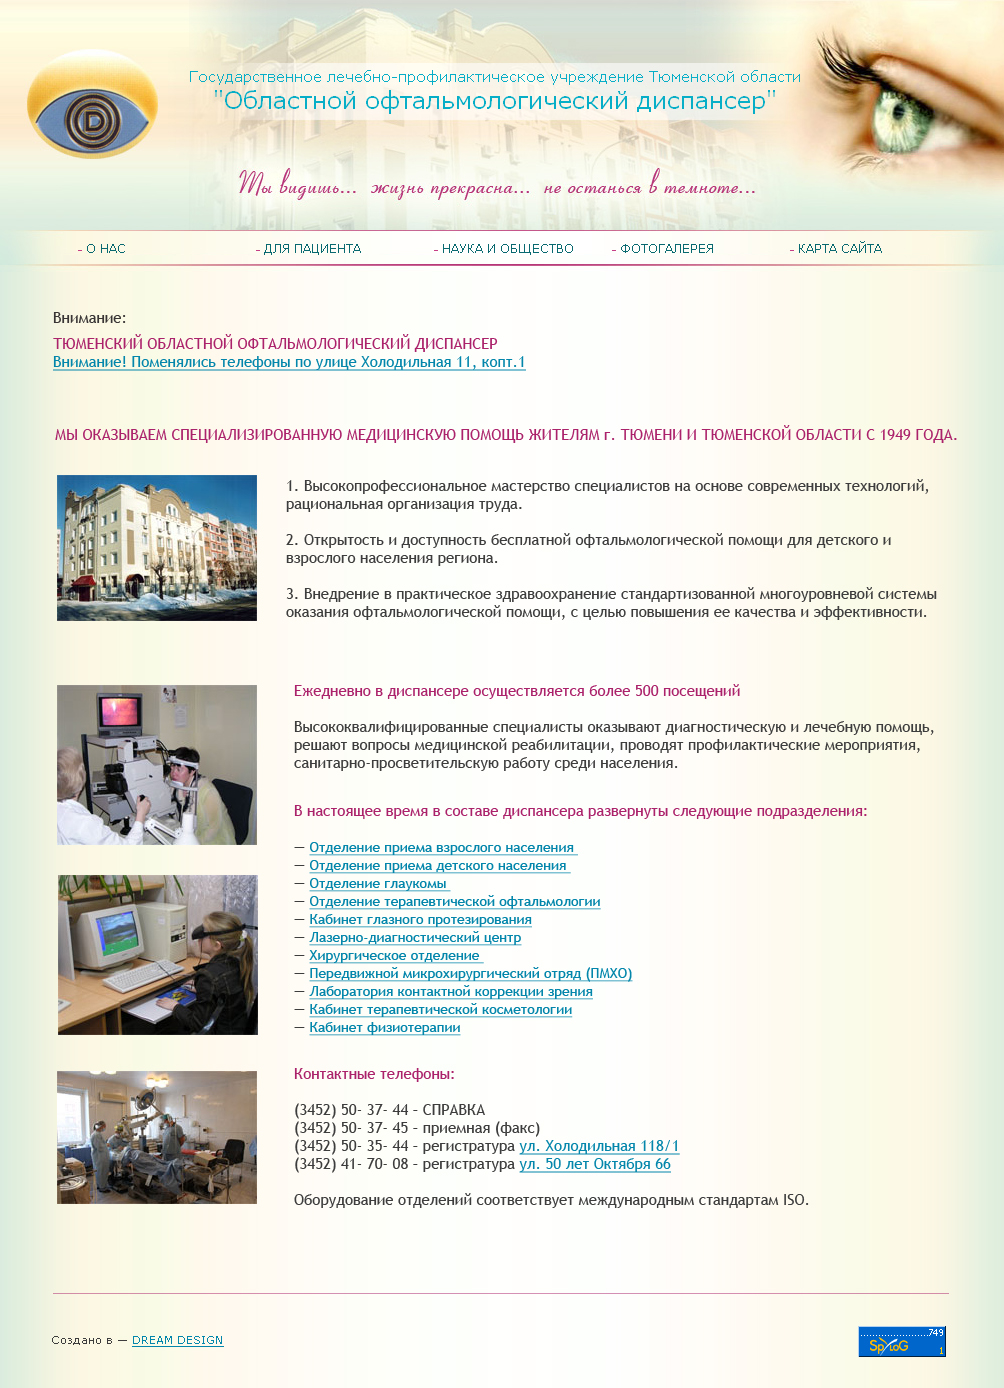 Областной офтальмологический диспансер